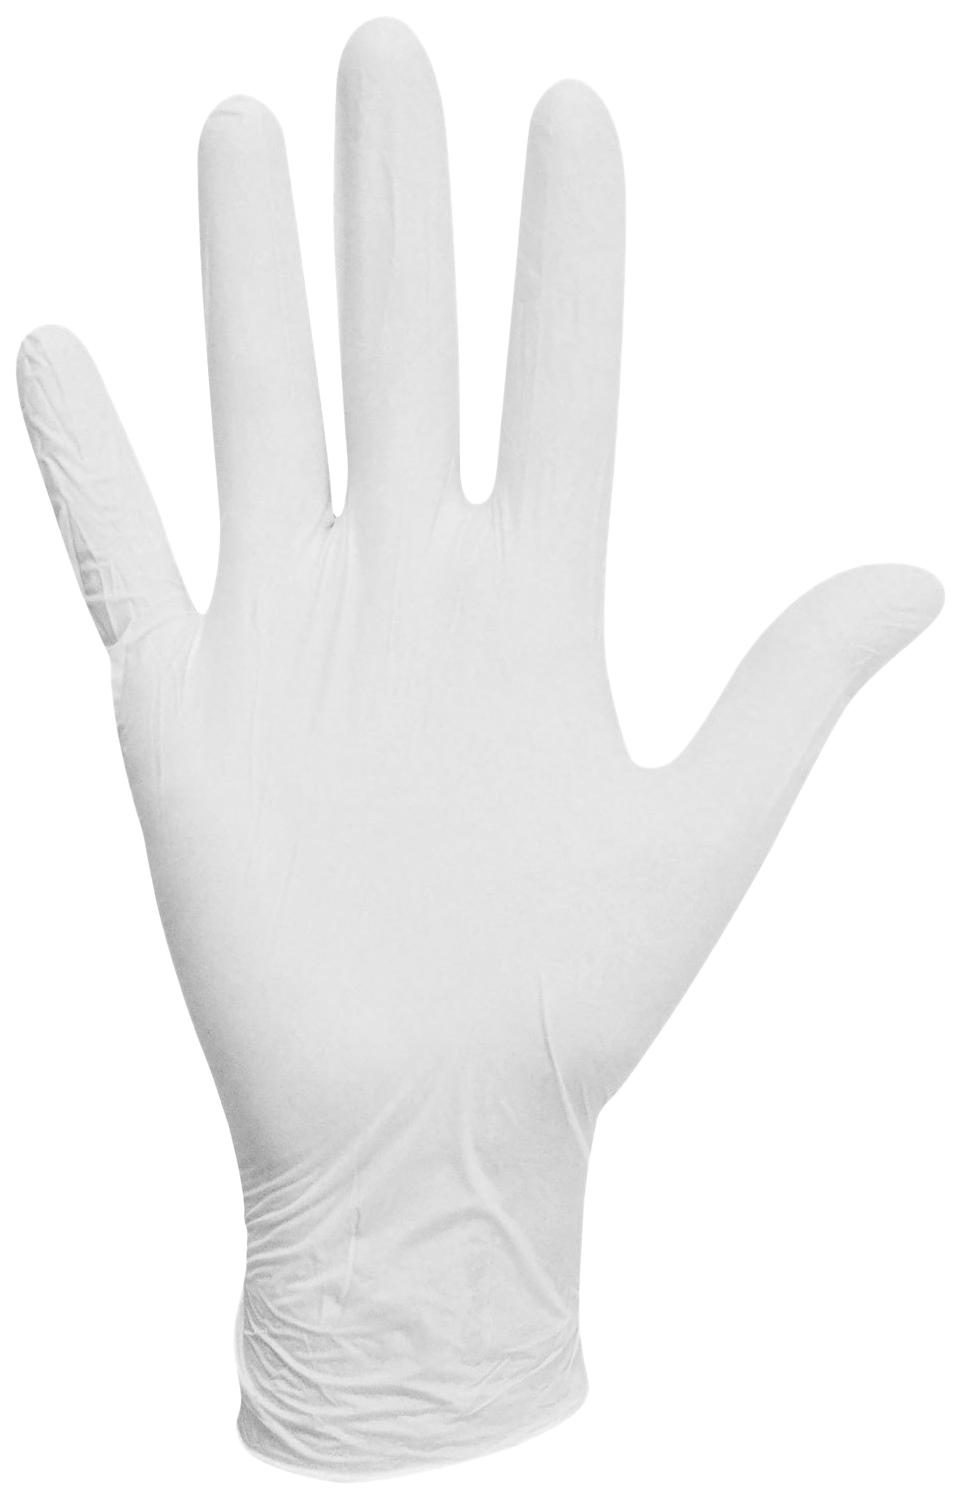 Перчатки латексные белые, 50 пар (100 шт.),